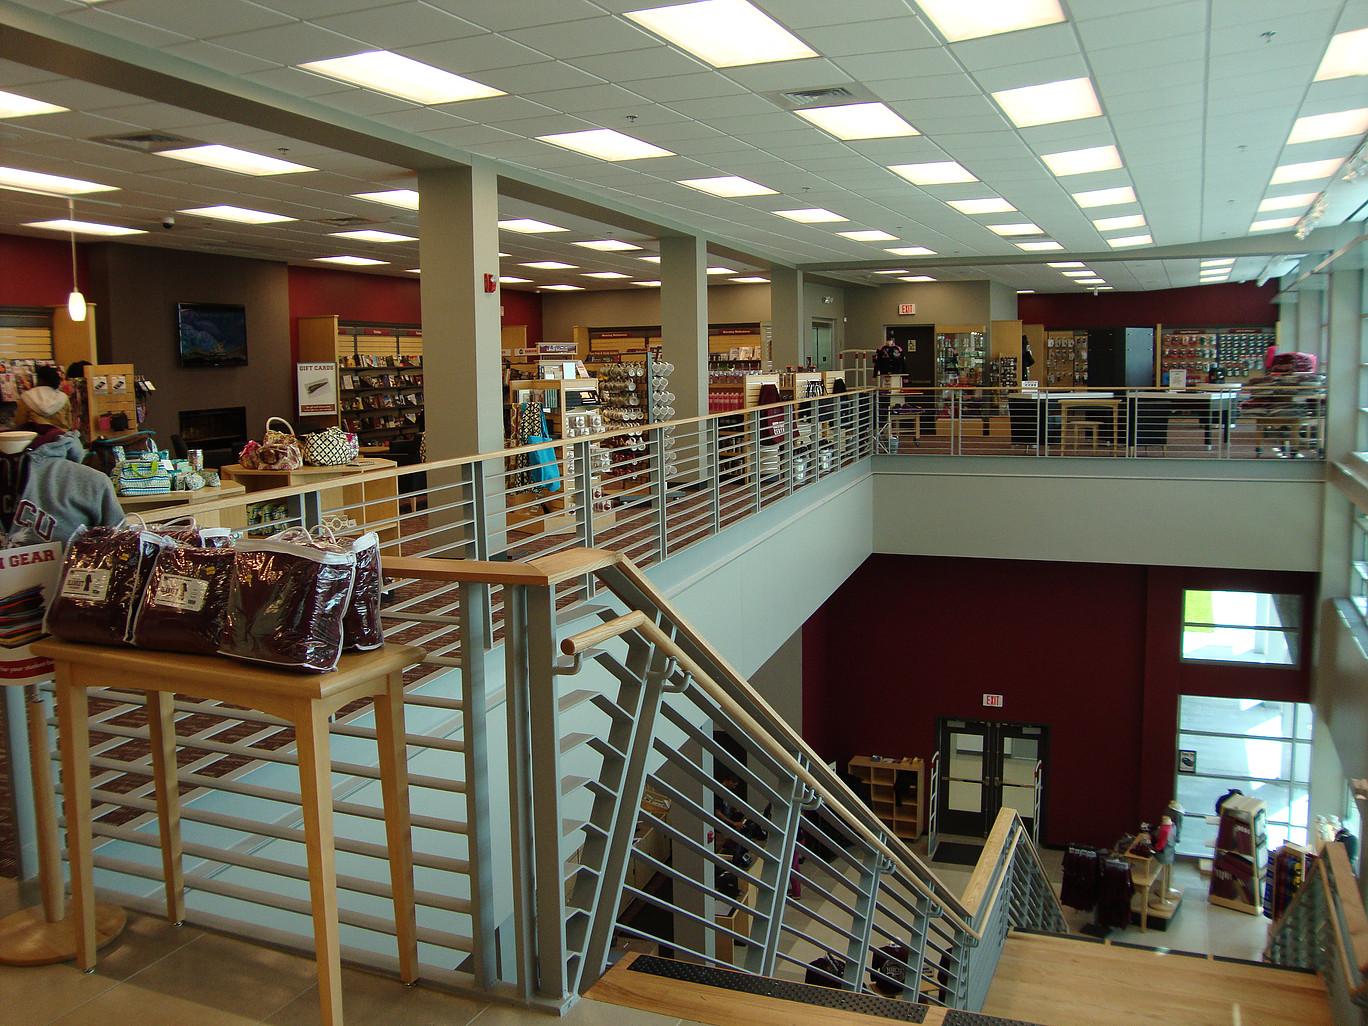 NCCU Retail Blg Bookstore - Durham